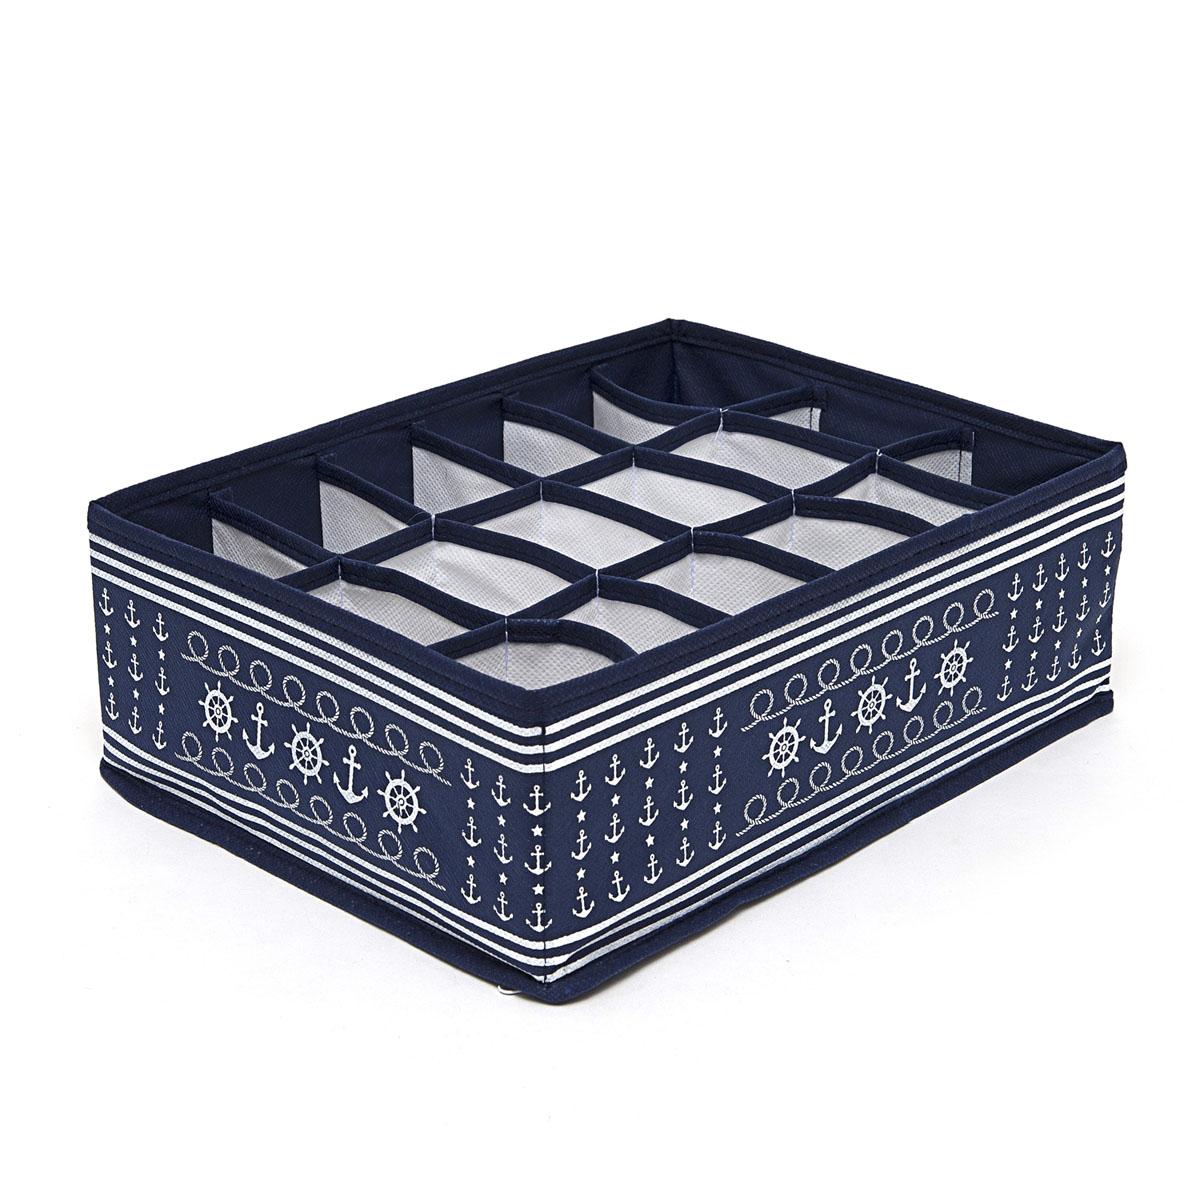 Органайзер для хранения вещей Homsu Ocean, 18 секций, 31 х 24 х 11 смHOM-220Квадратный и плоский органайзер с 18 раздельными ячейками 7см на 5см очень удобен для хранения мелких вещей в вашем ящике или на полке. Идеально для носков, платков, галстуков и других вещей ежедневного пользования. Имеет жесткие борта, что является гарантией сохраности вещей. Фактический цвет может отличаться от заявленного.